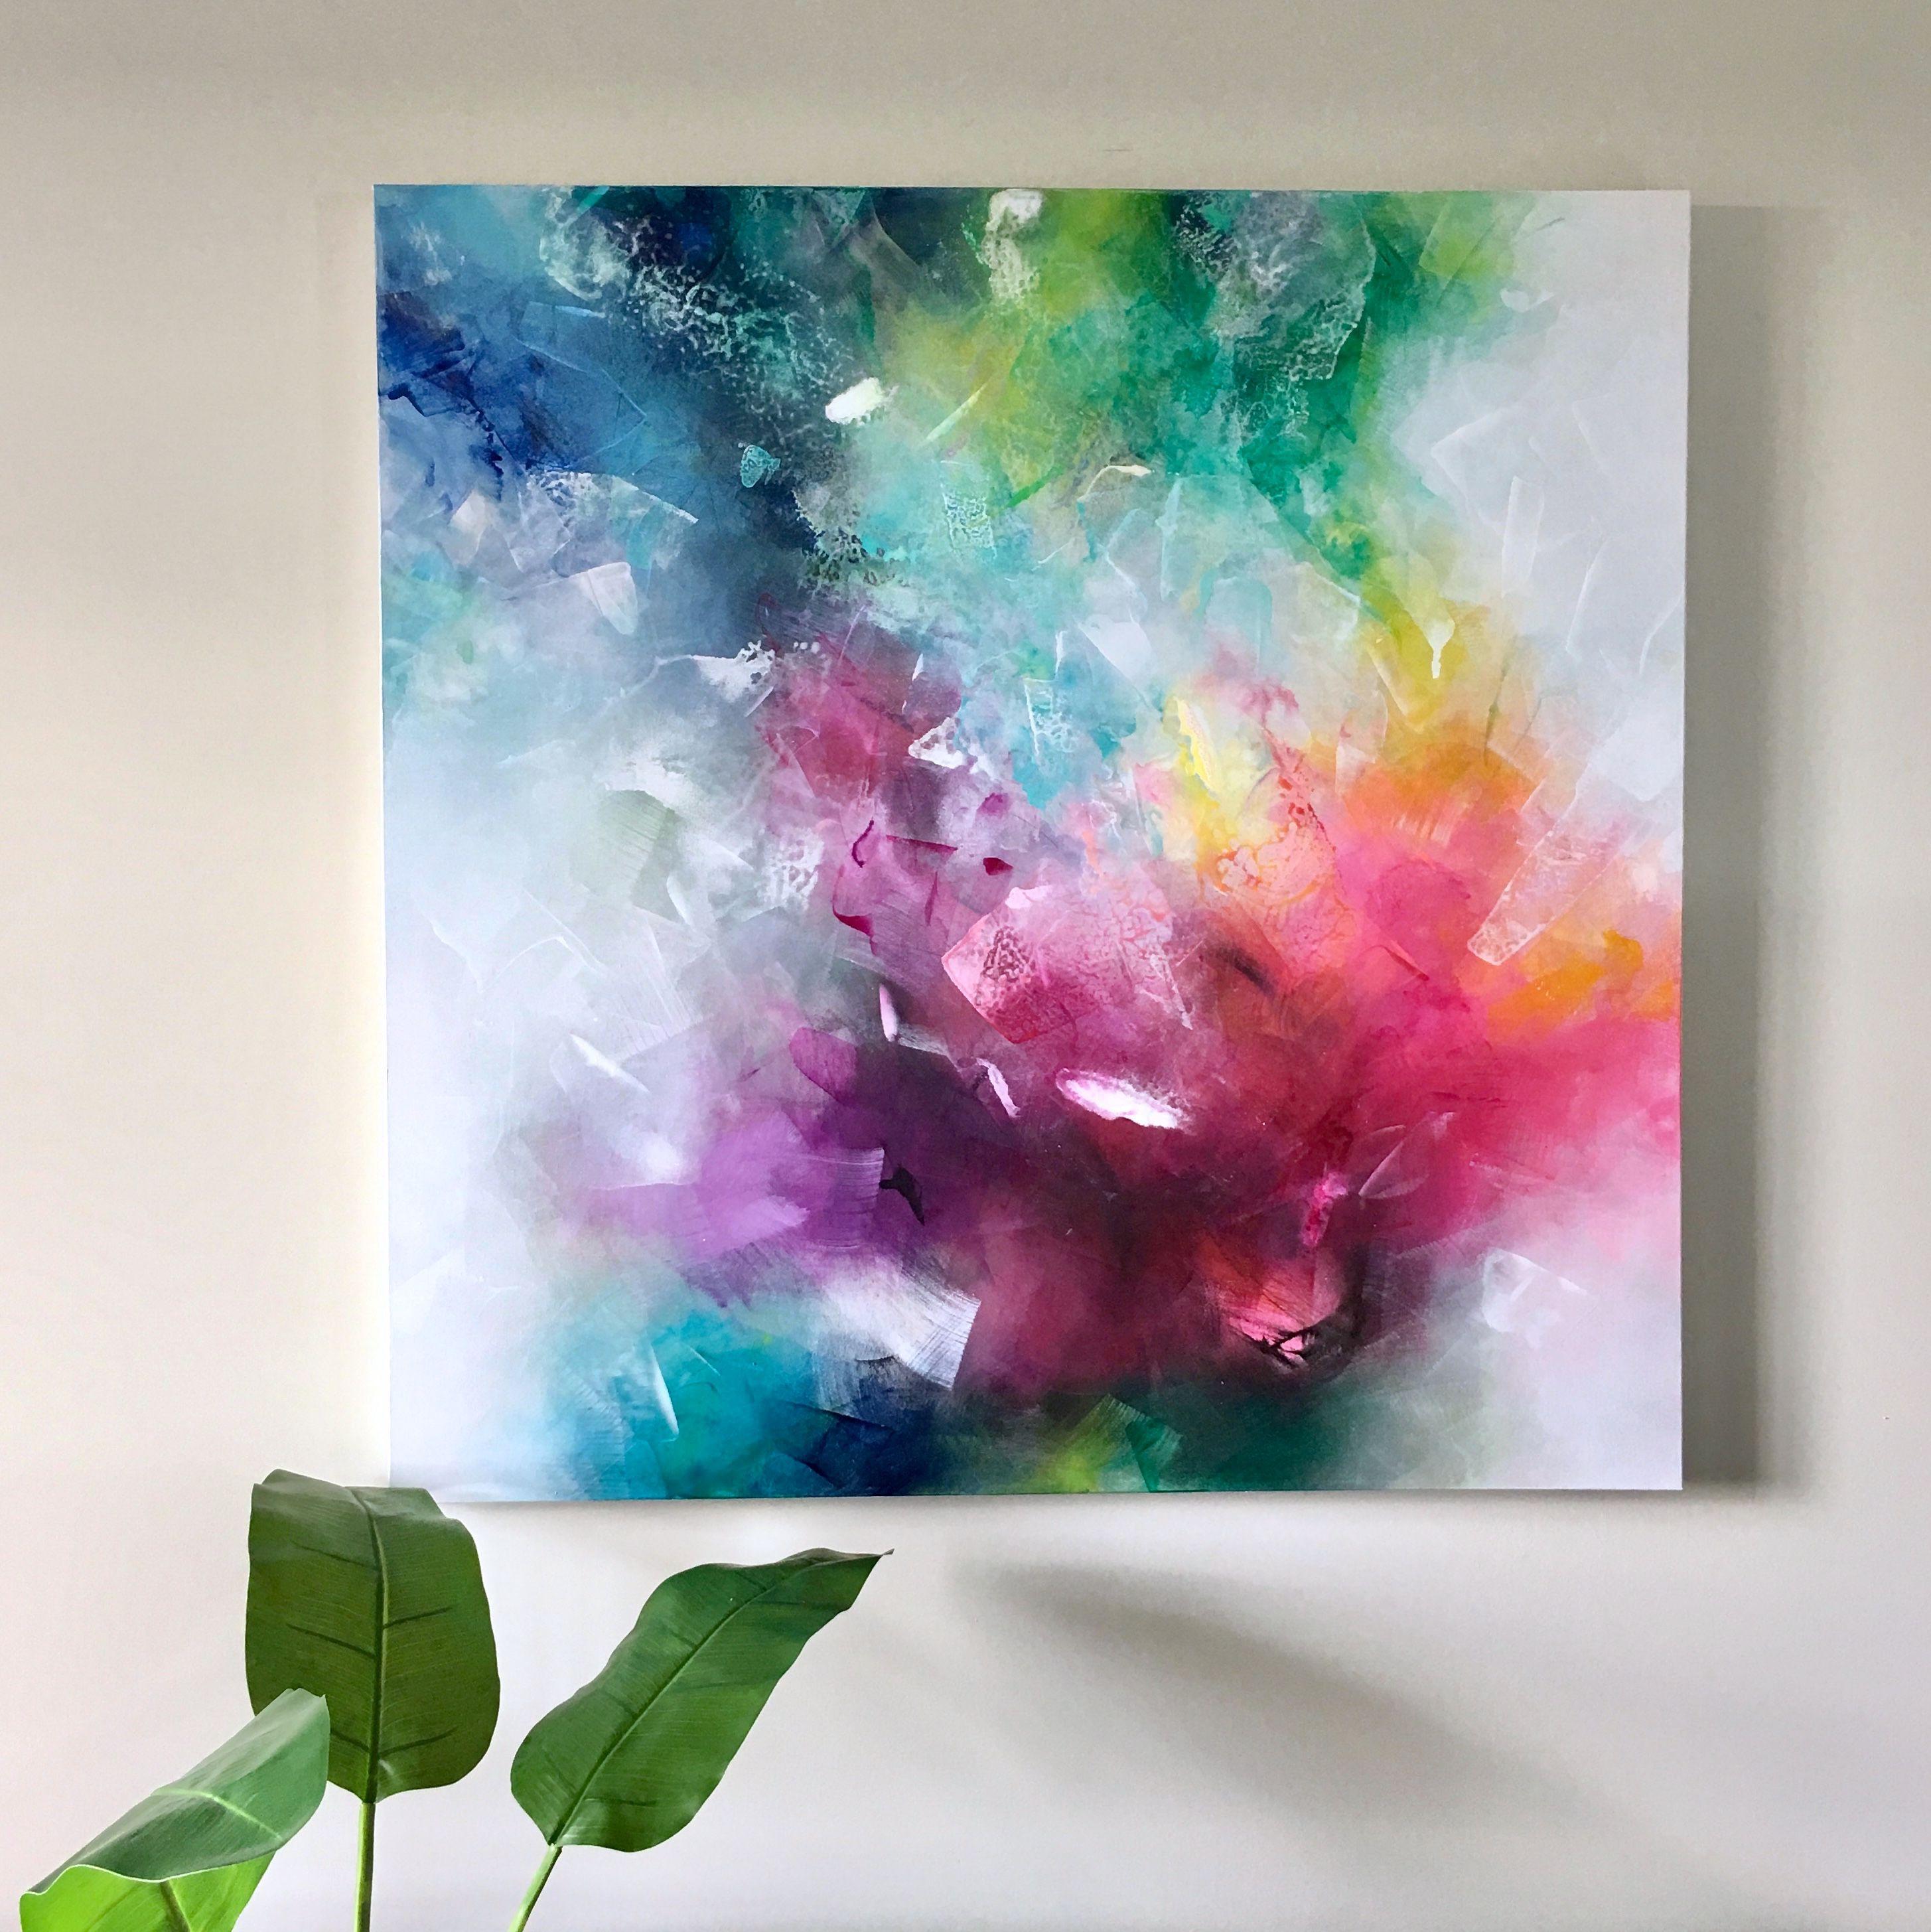 Feeling In Love 40x40 Acrylic On Gallery Canvas By Deniz Altug Abstract Art Paintings Acrylics Abstract Art Painting Techniques Abstract Art Painting Diy